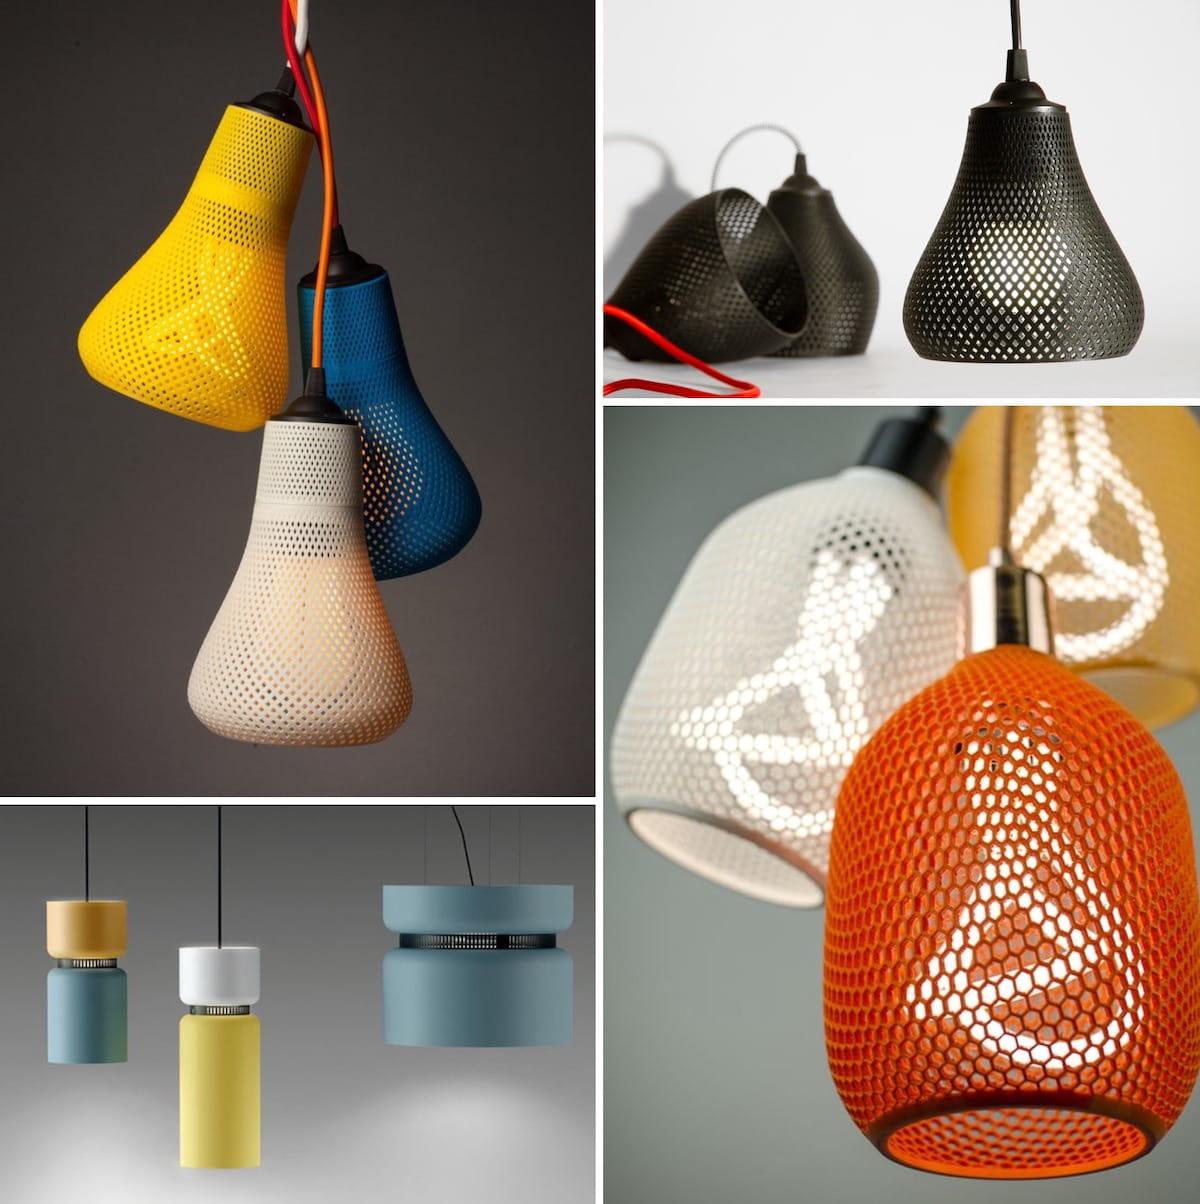 Яркие светильники с контрастными цветами